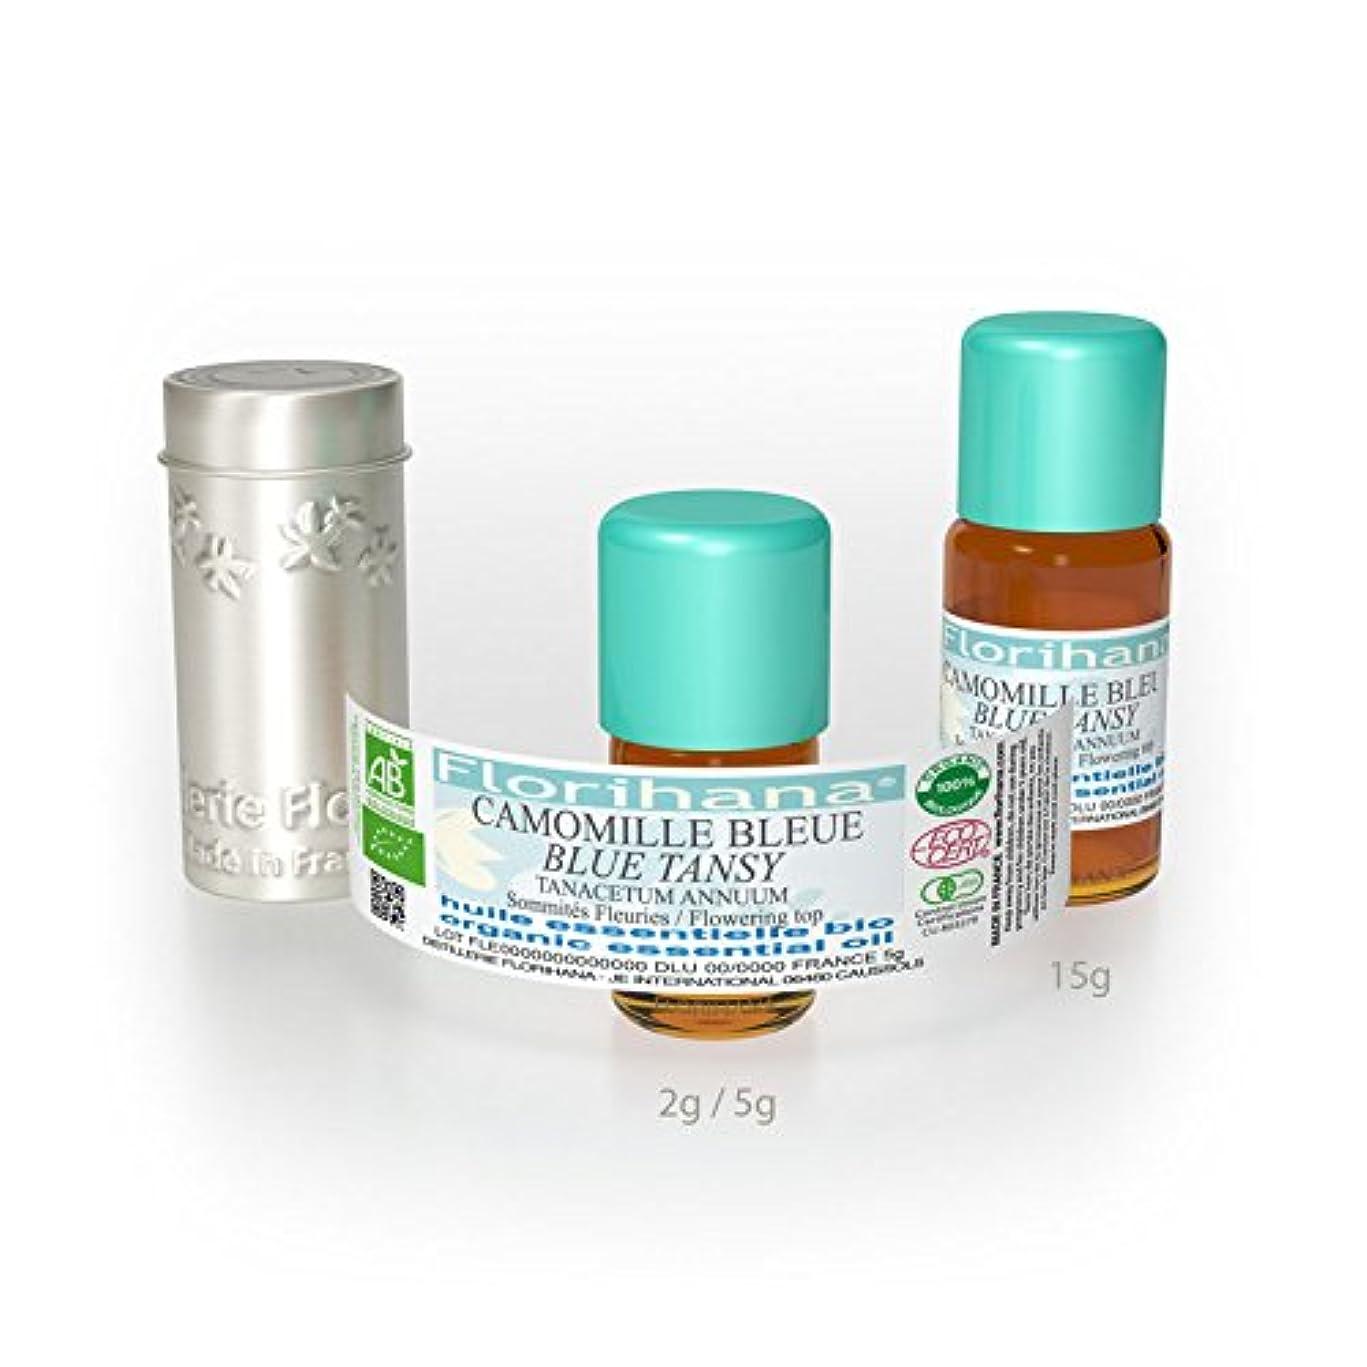 補う維持する等しいオーガニック エッセンシャルオイル タナセタム ブルーカモミール 5g(5.6ml)